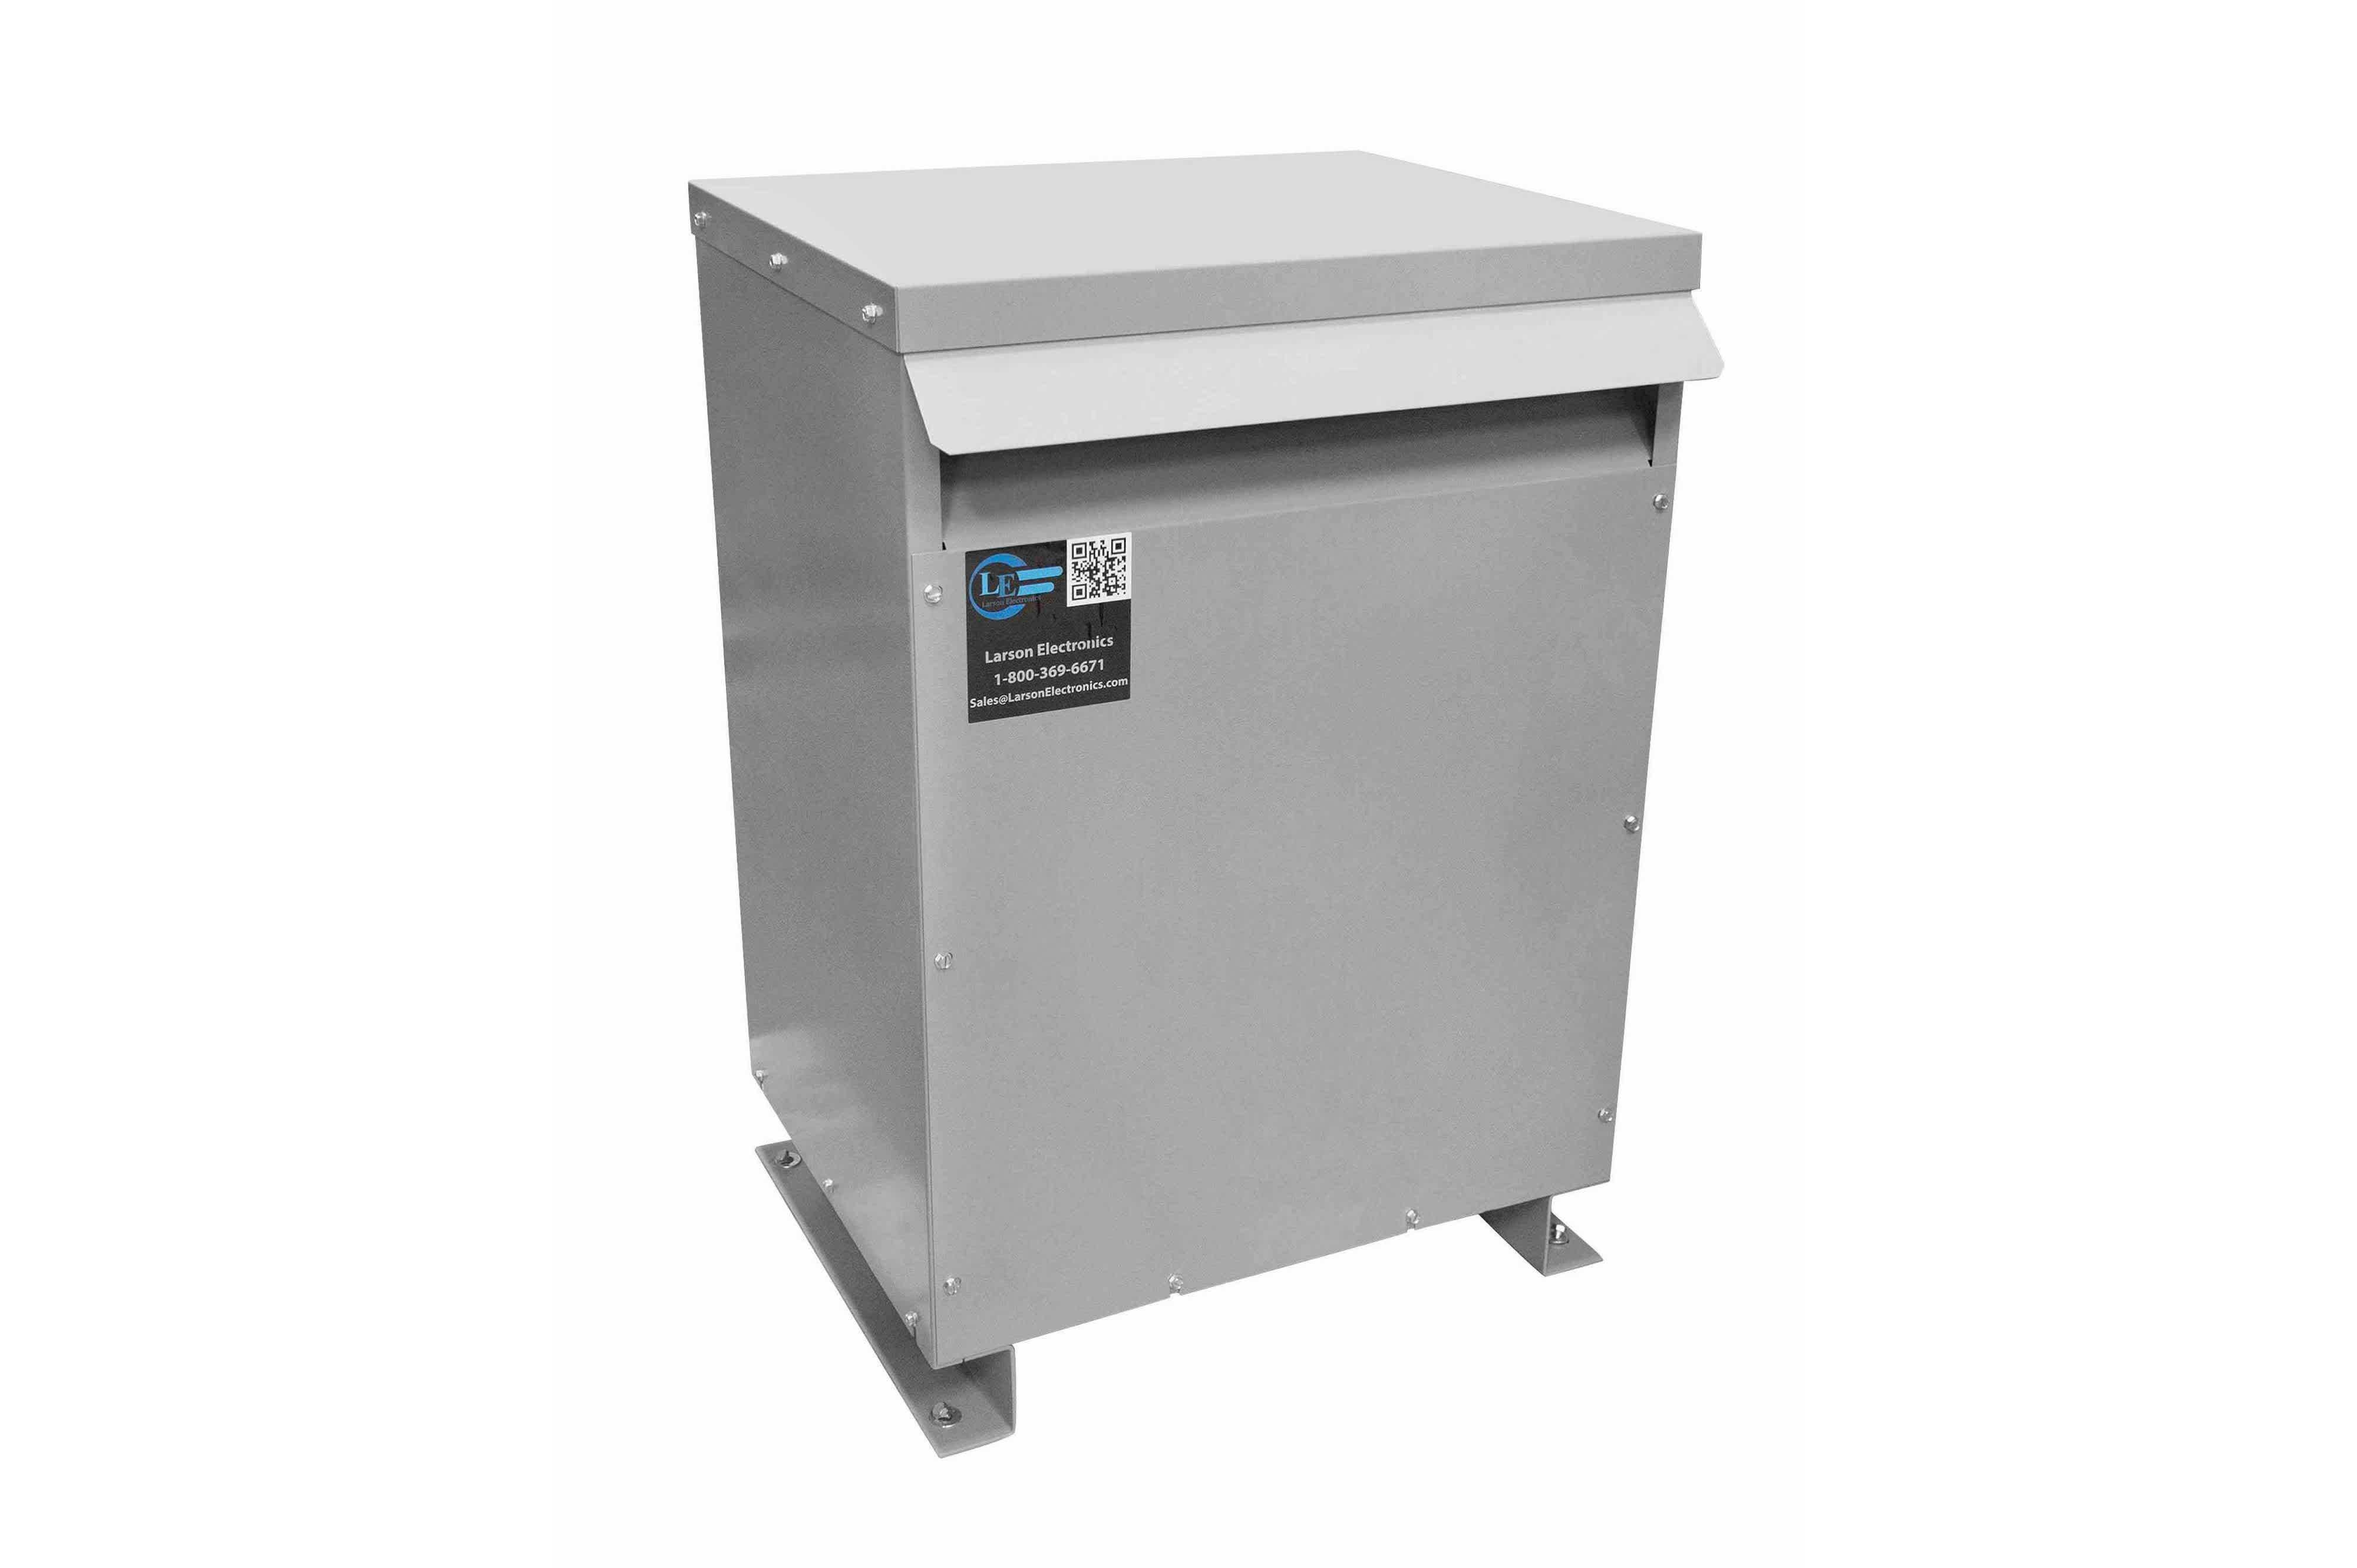 65 kVA 3PH Isolation Transformer, 600V Delta Primary, 480V Delta Secondary, N3R, Ventilated, 60 Hz